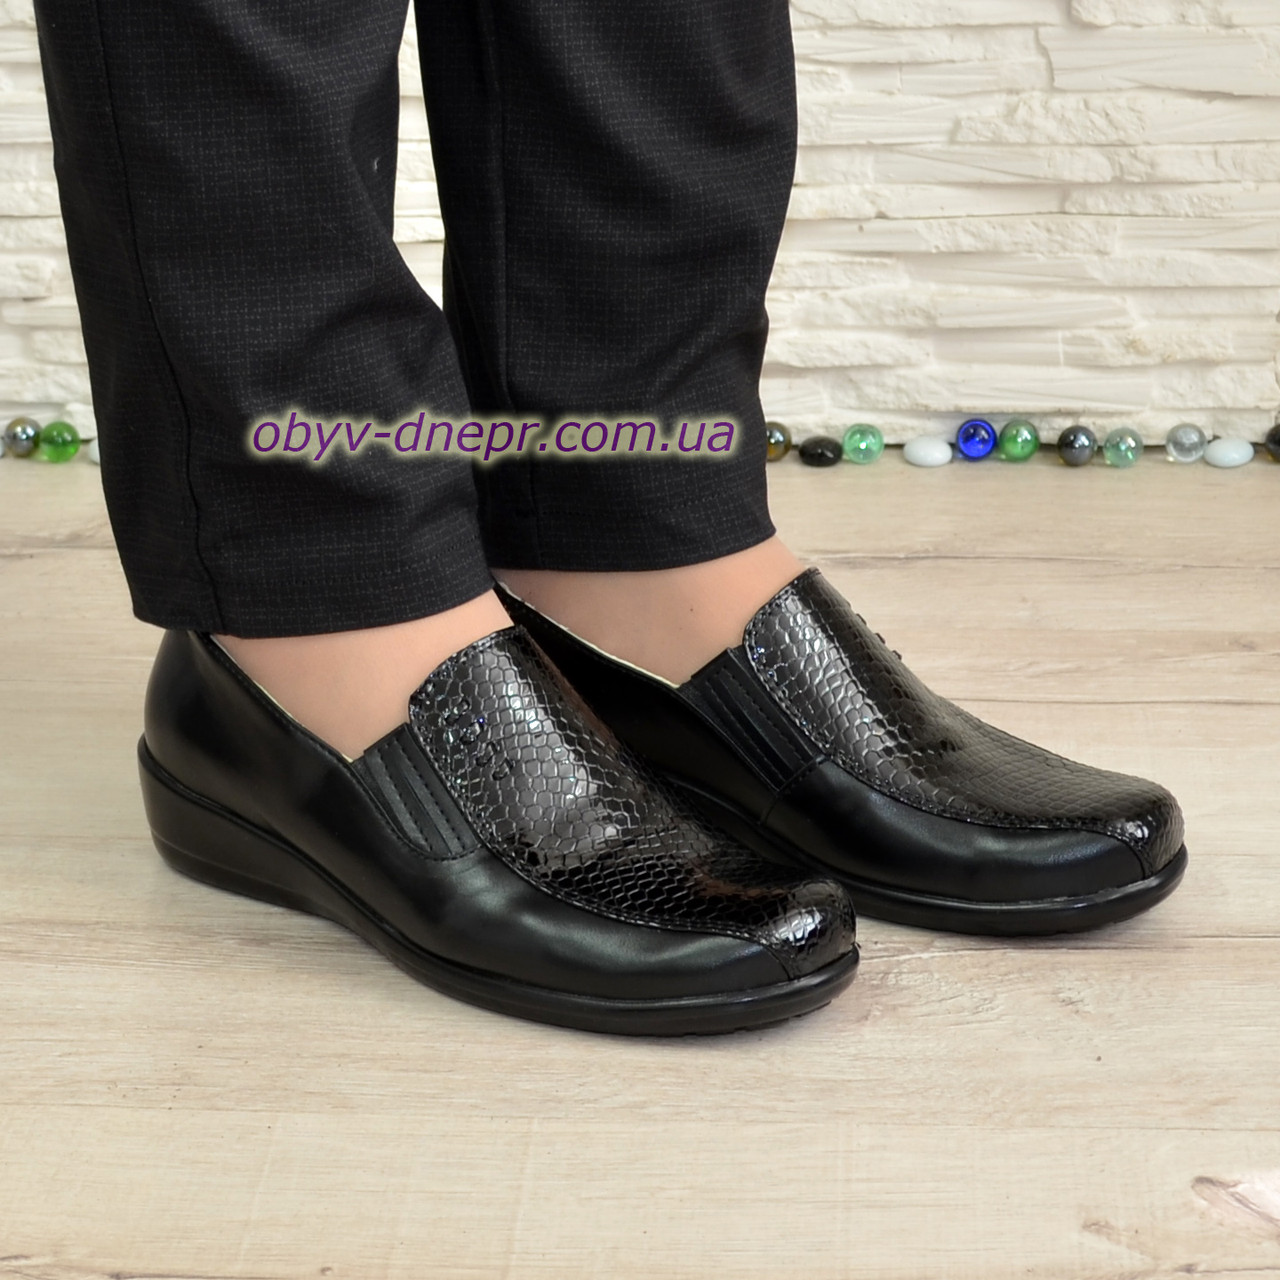 Туфлі жіночі на товстій підошві, натуральна шкіра